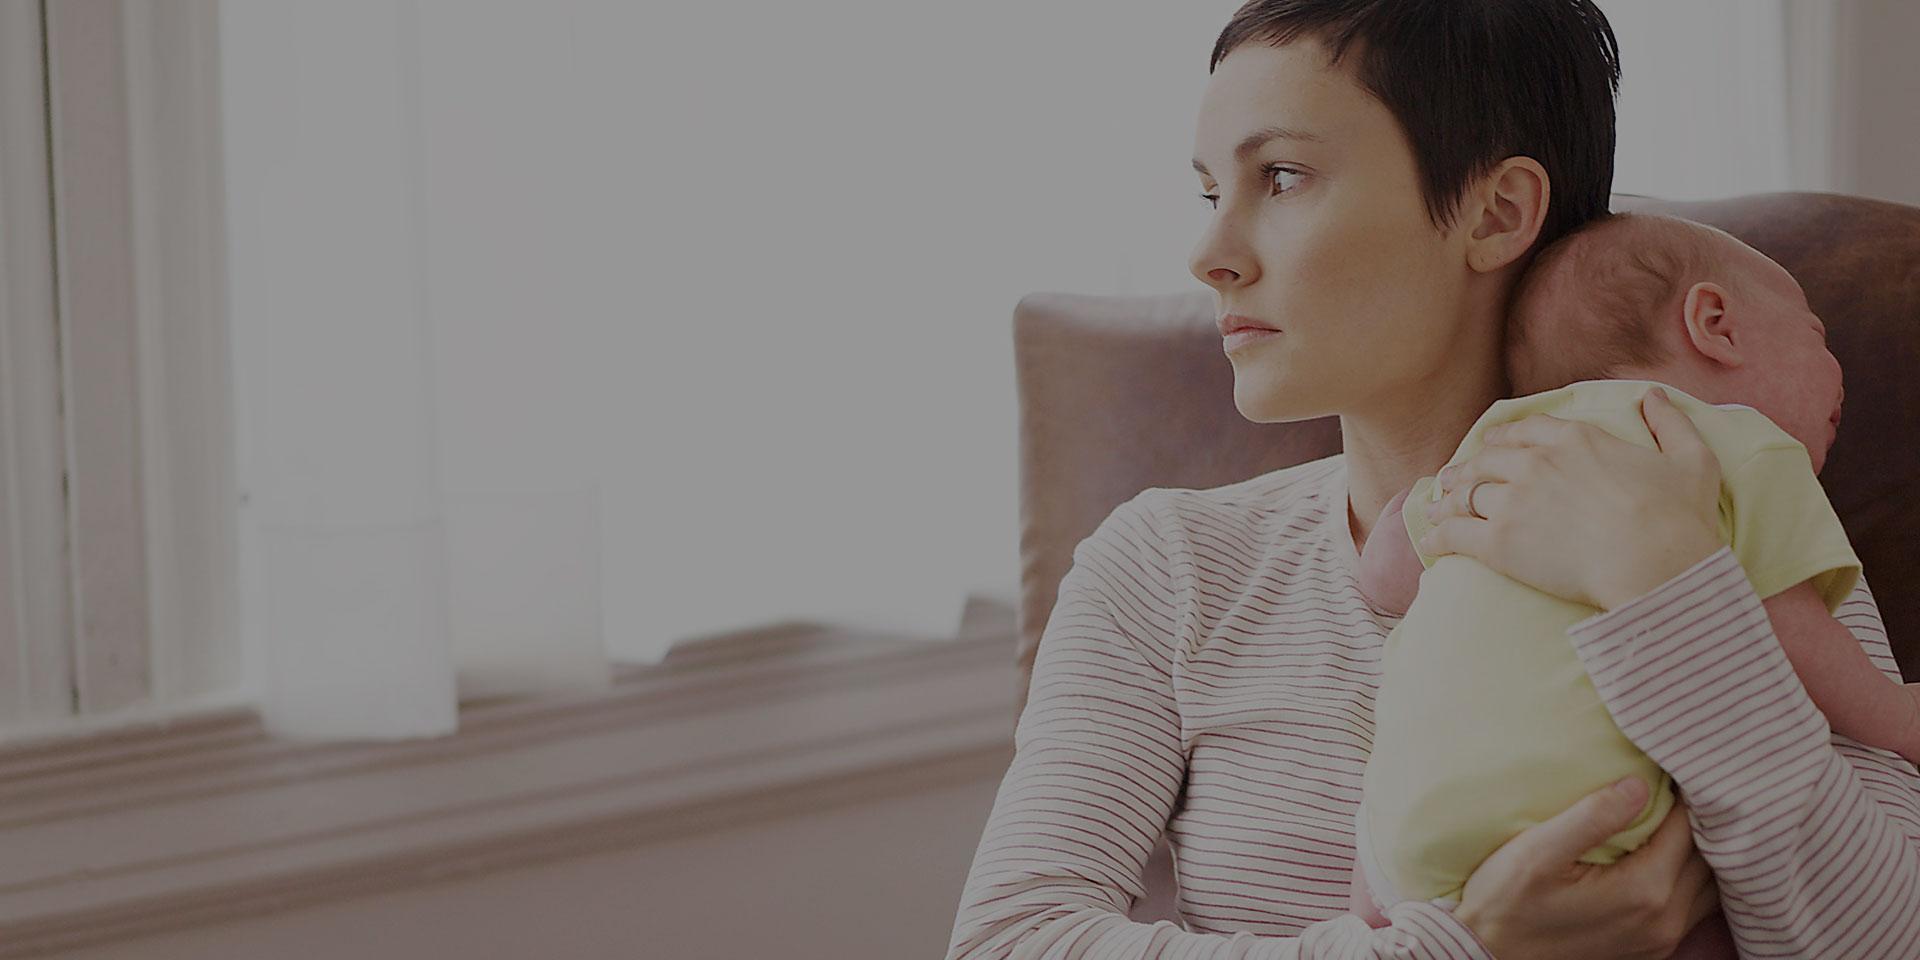 Симптомы и признаки послеродовой депрессии